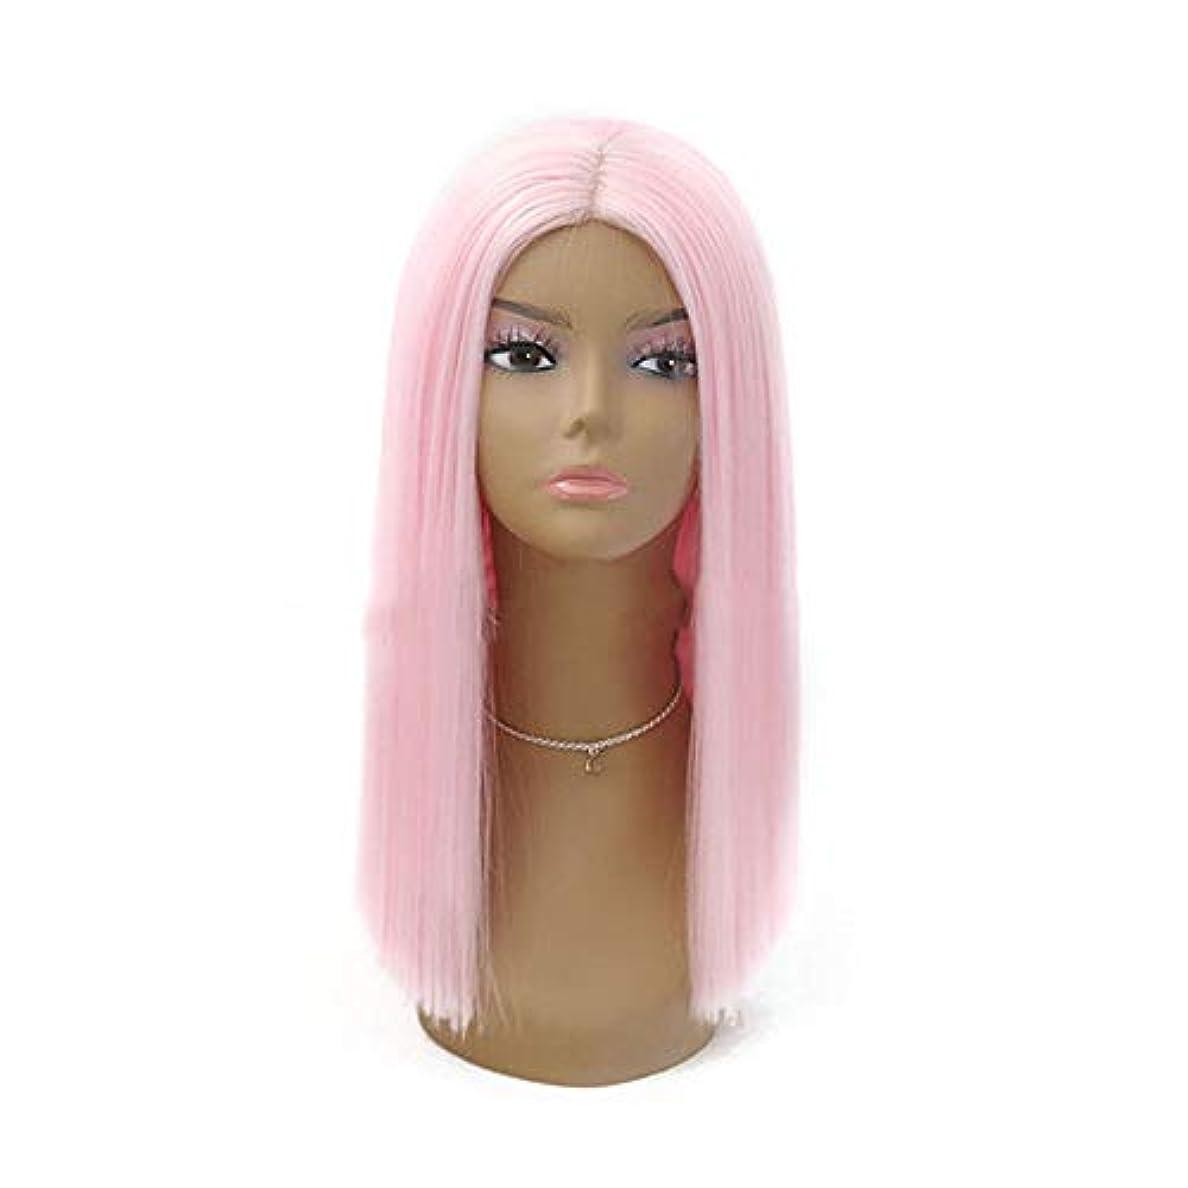 スパイ唯一エンディングYOUQIU フロントレースウィッグ、女性の化学繊維の髪、ライトピンクボブ、中東バックル、ロングヘアウィッグウィッグ (色 : Light pink, サイズ : 20 inch)